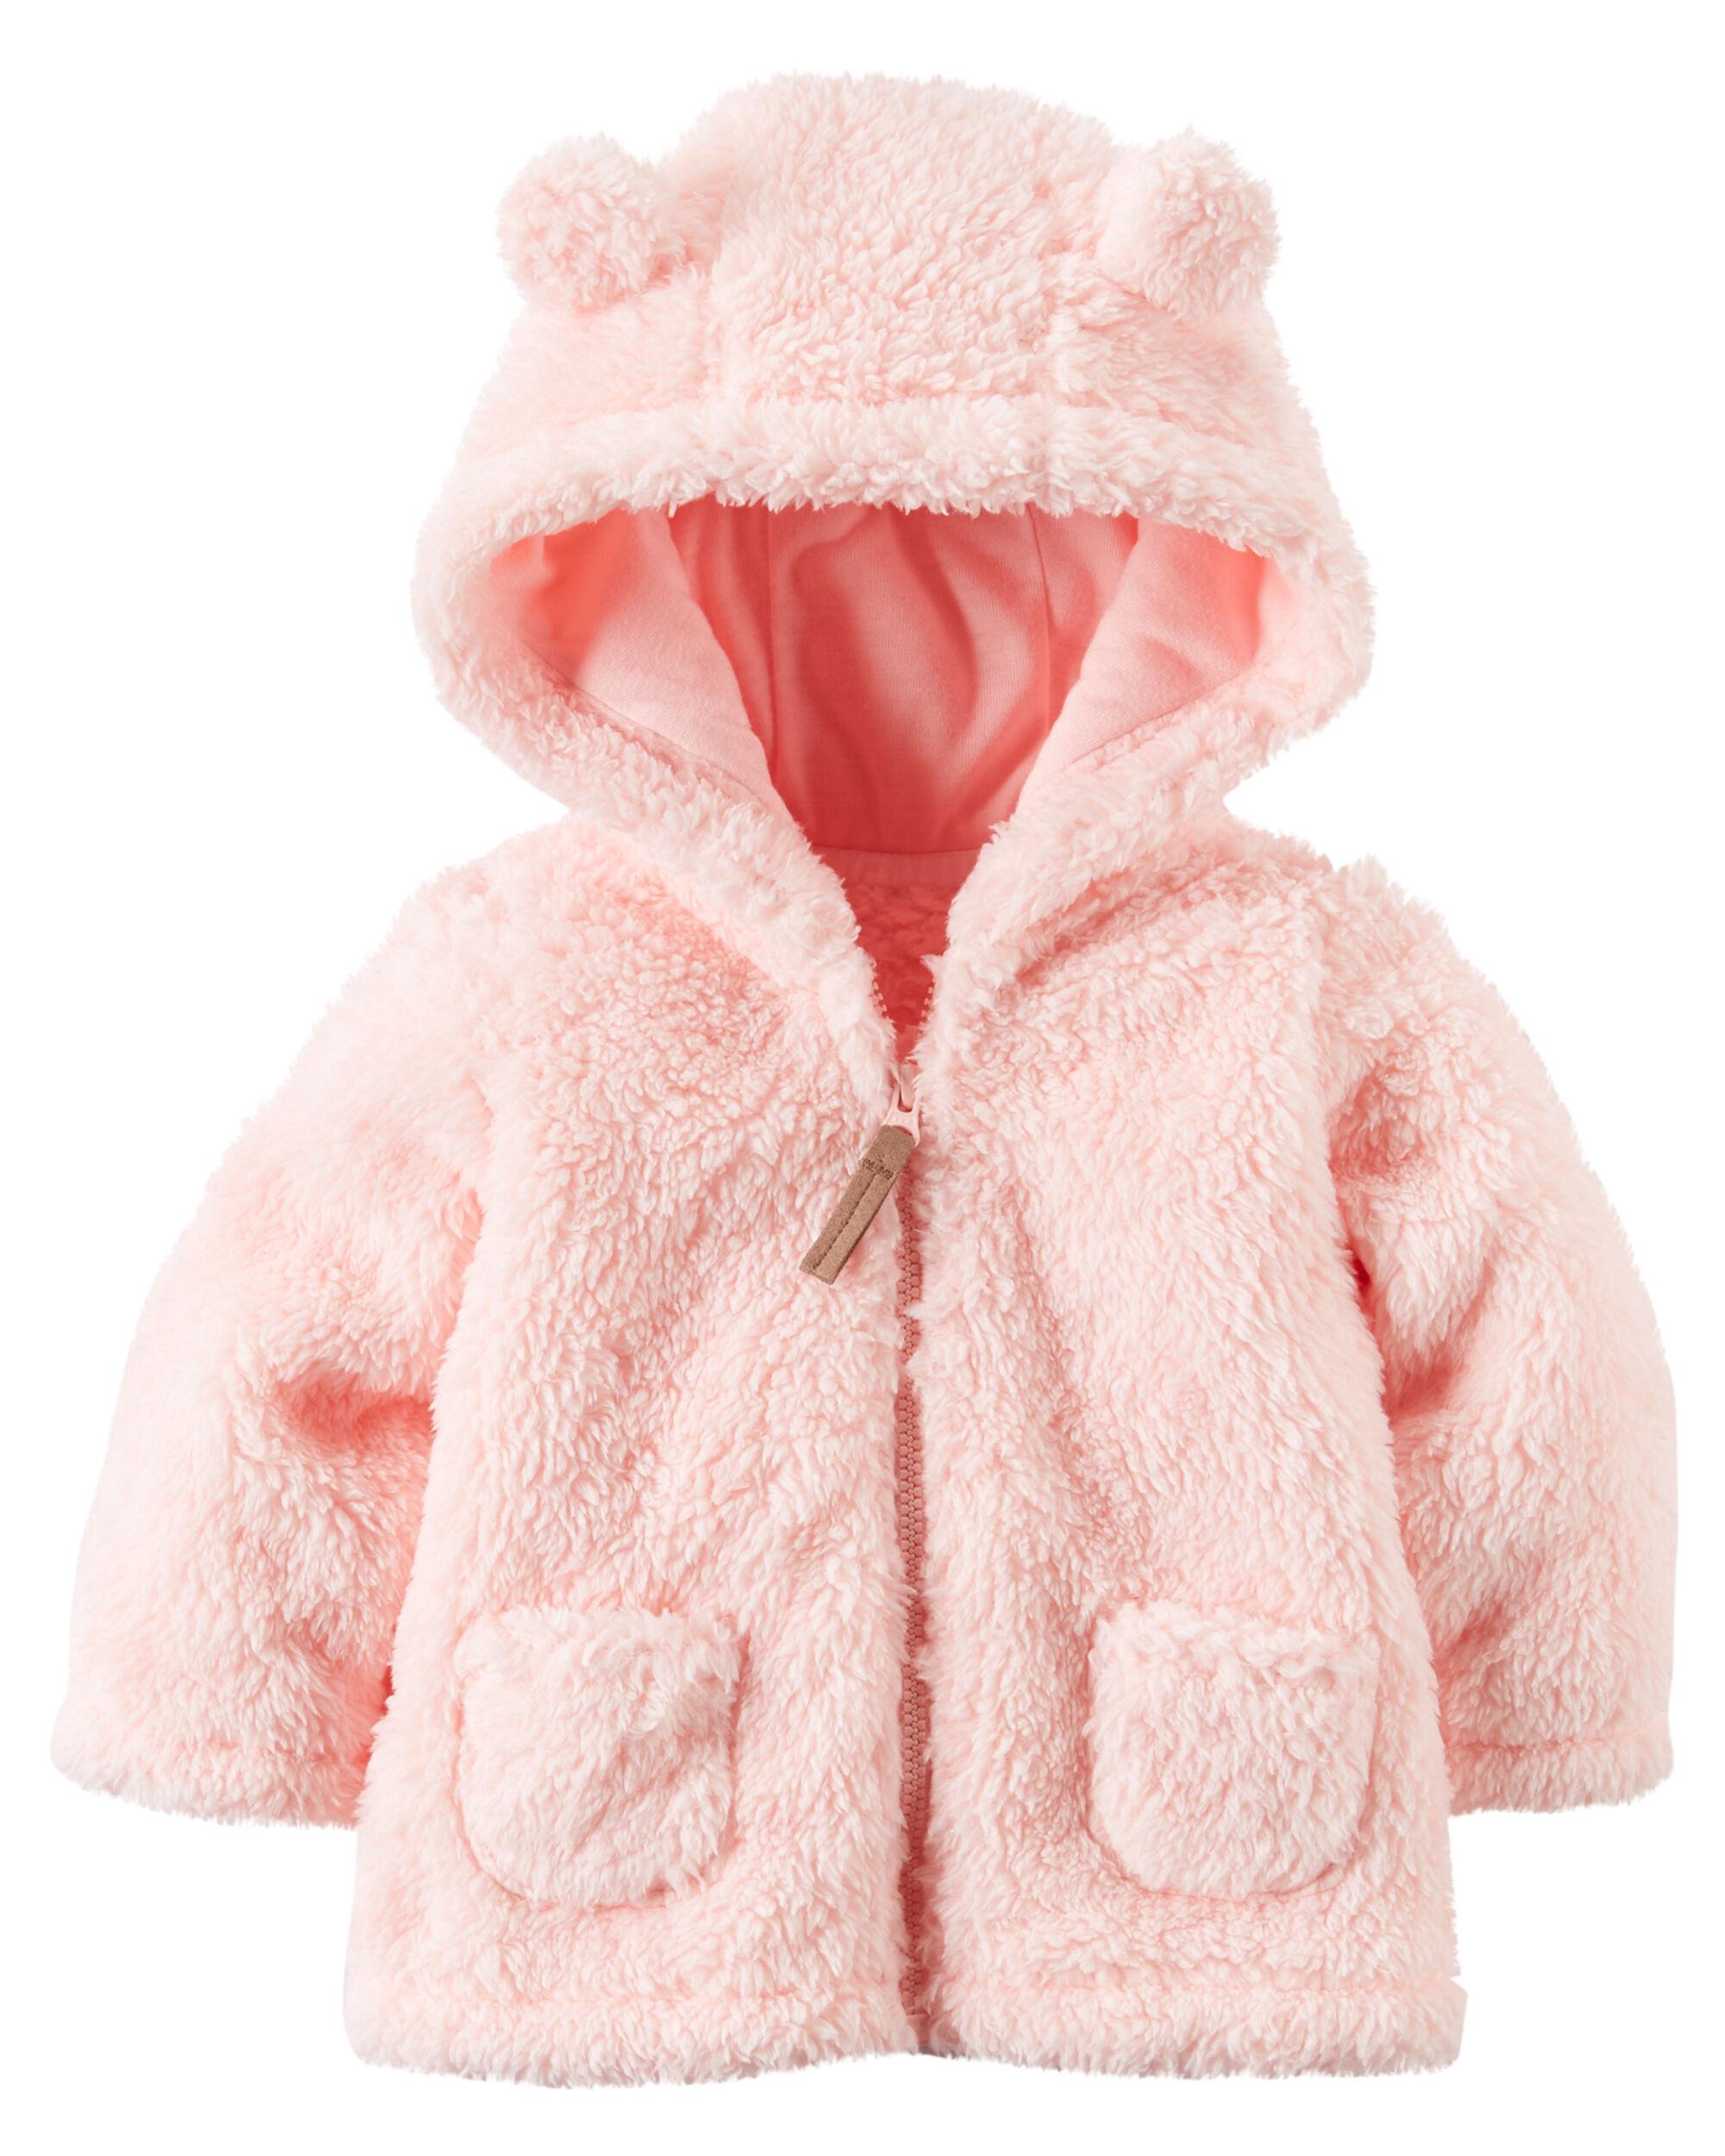 Sherpa Hooded Jacket Carters Com